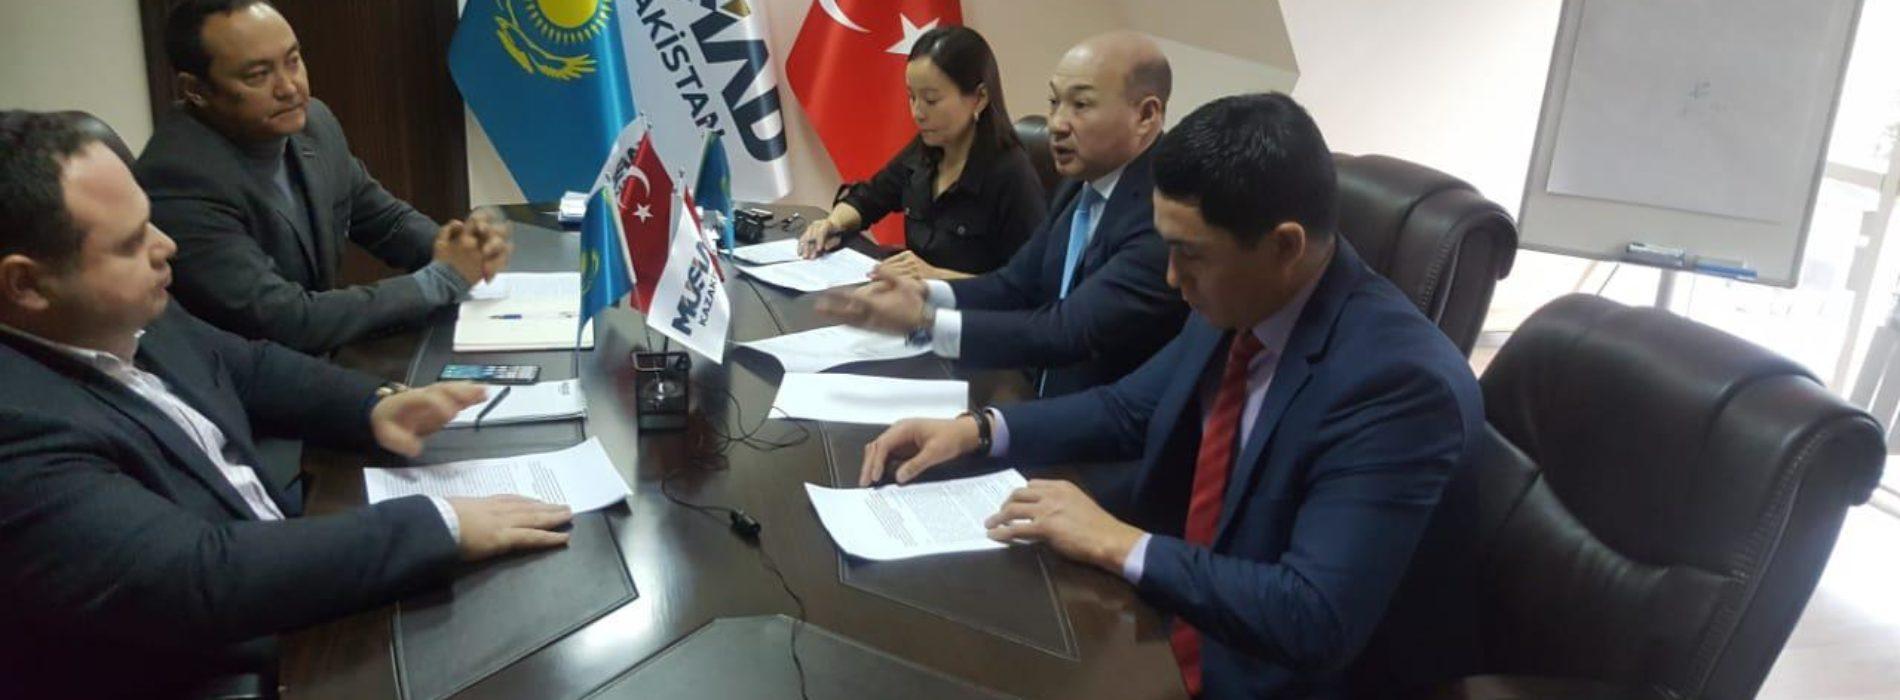 Усилится борьба с коррупцией в тюркоязычных странах